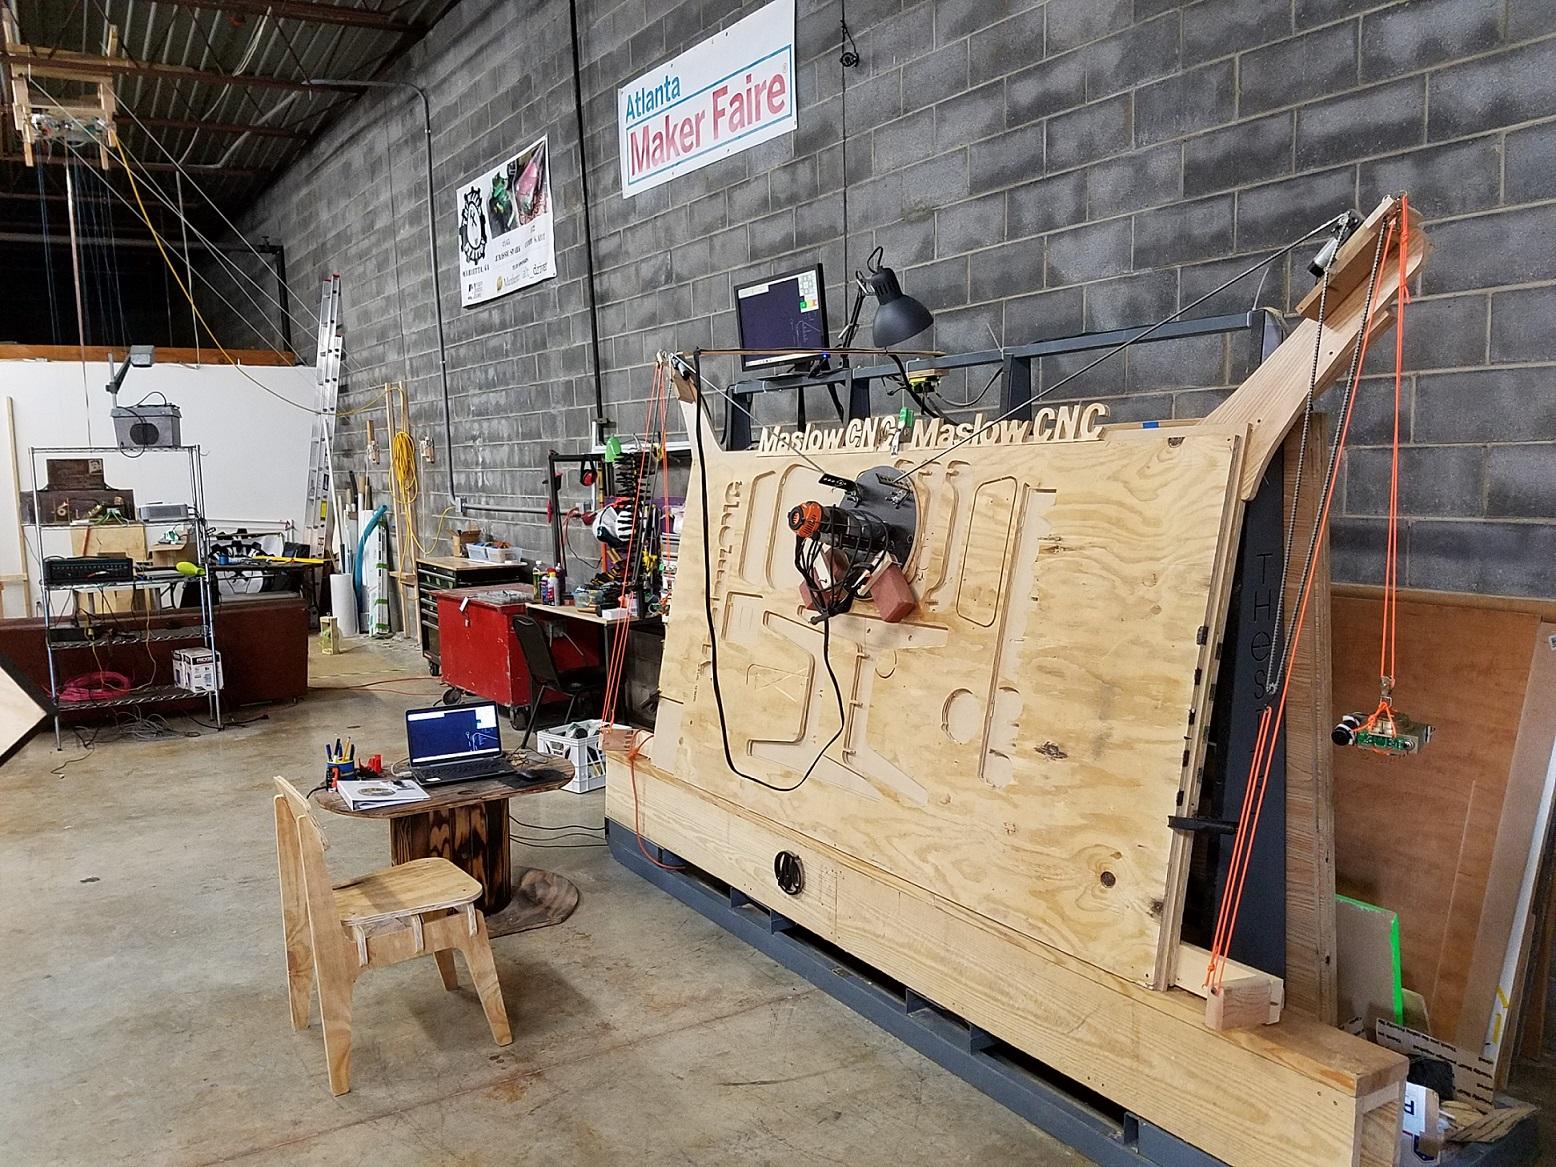 Maslow Cnc The Maker Station